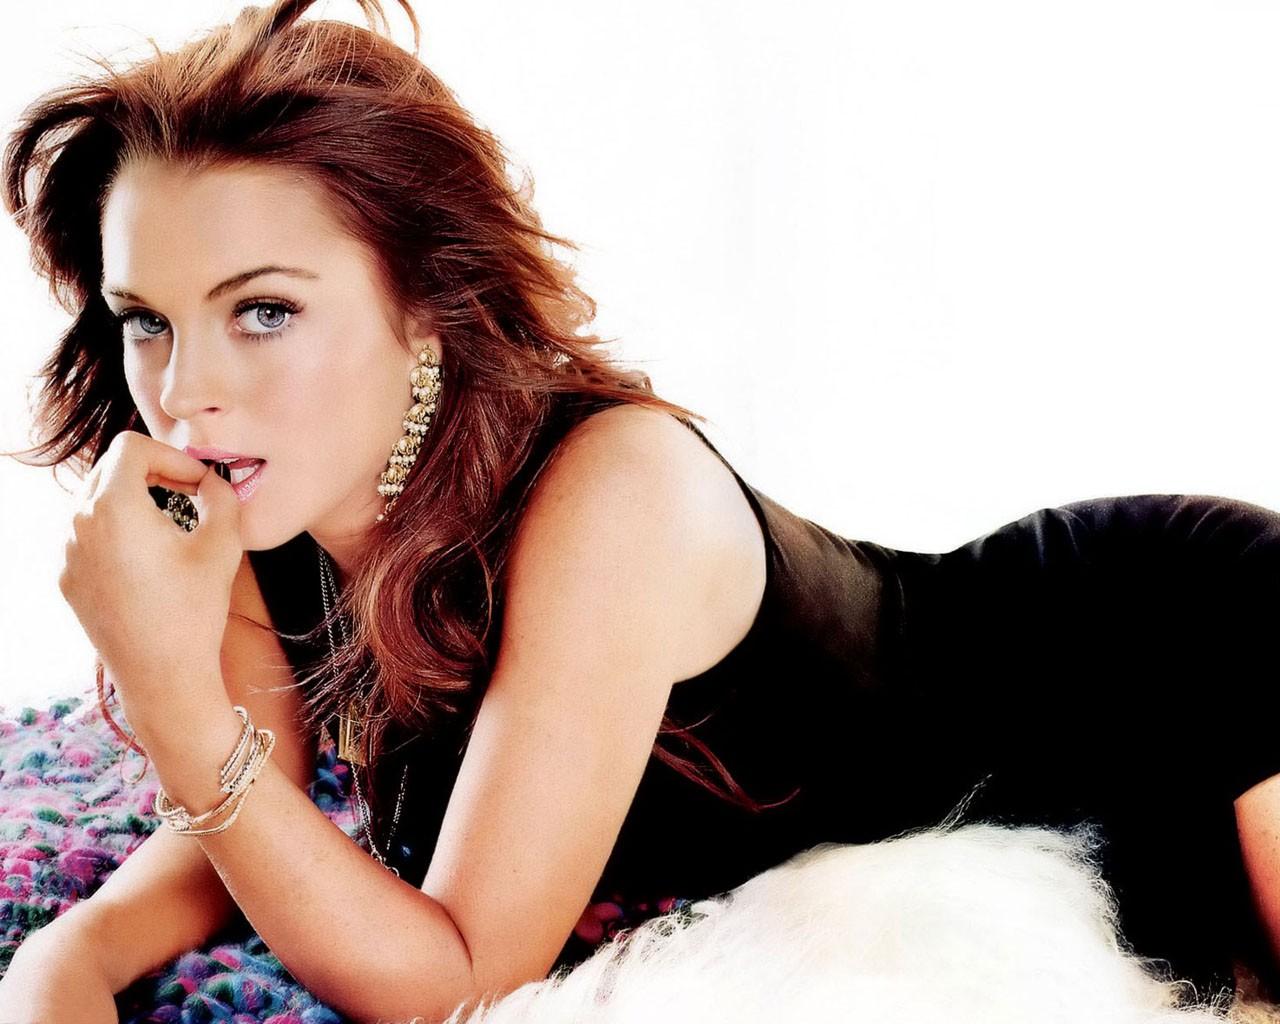 http://2.bp.blogspot.com/-6YN1YzdQERo/UKYYXBXLZ6I/AAAAAAAAIHo/izsqlno46eg/s1600/Lindsay_Lohan.jpg